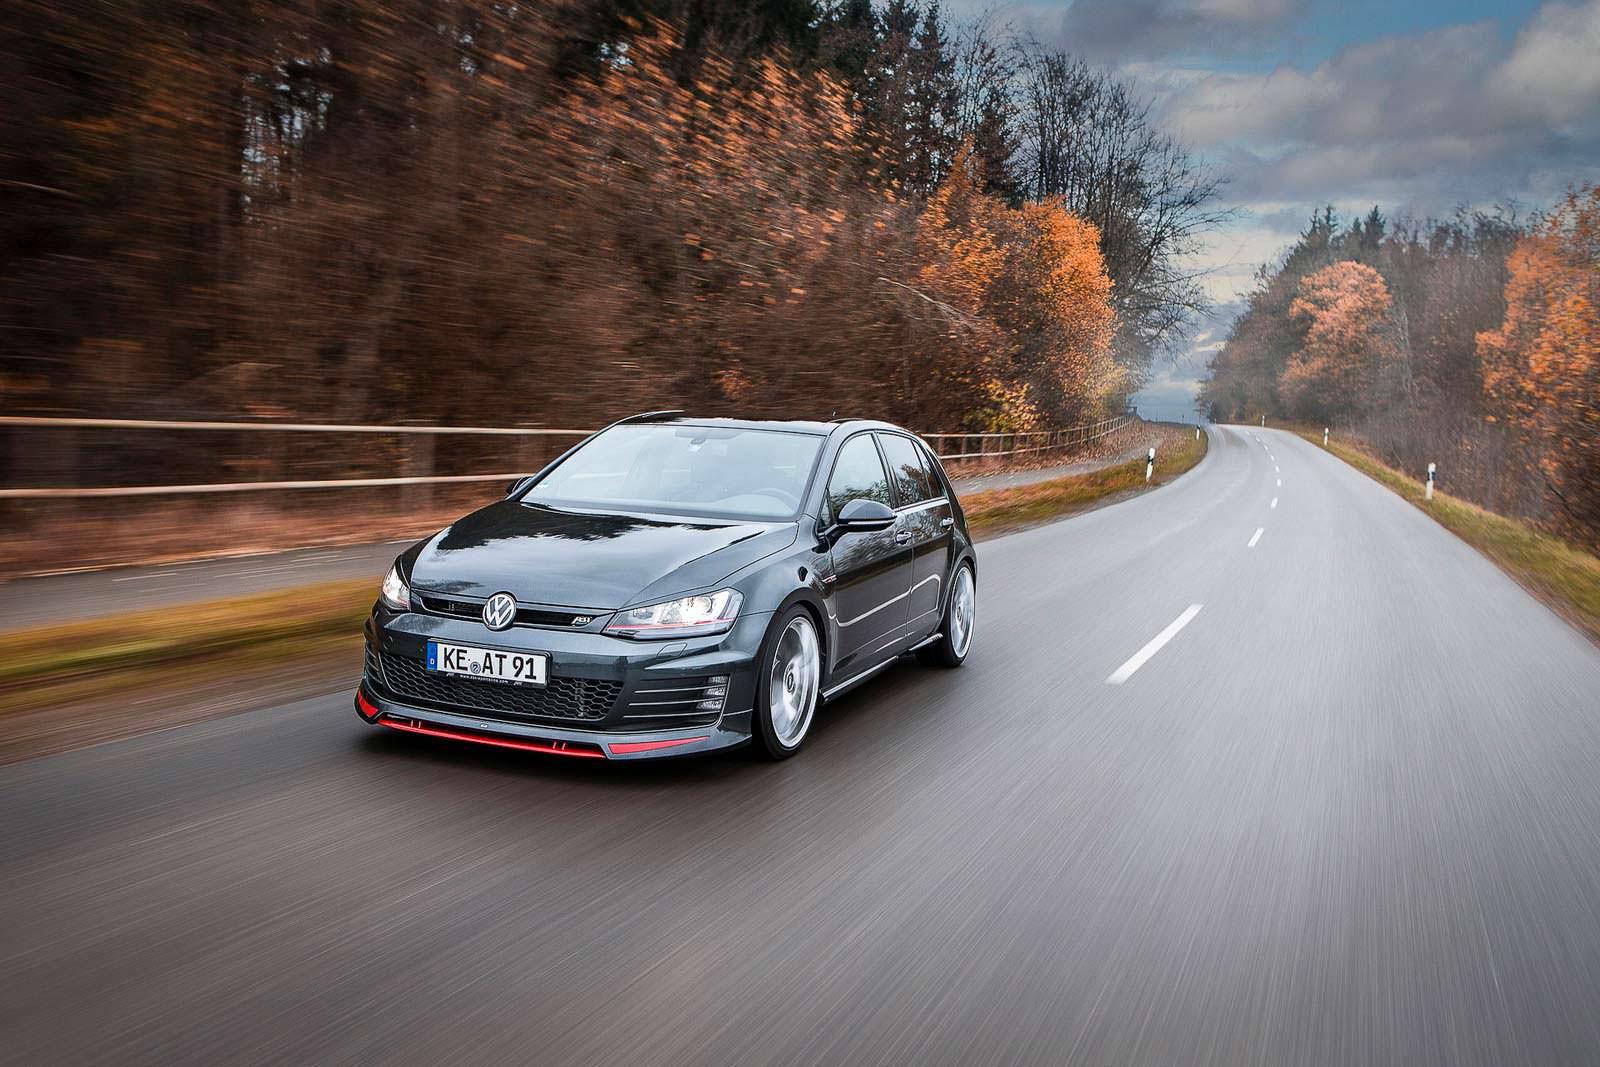 Тюнинг-ателье ABT добавило мощность хэтчбеку VW Golf